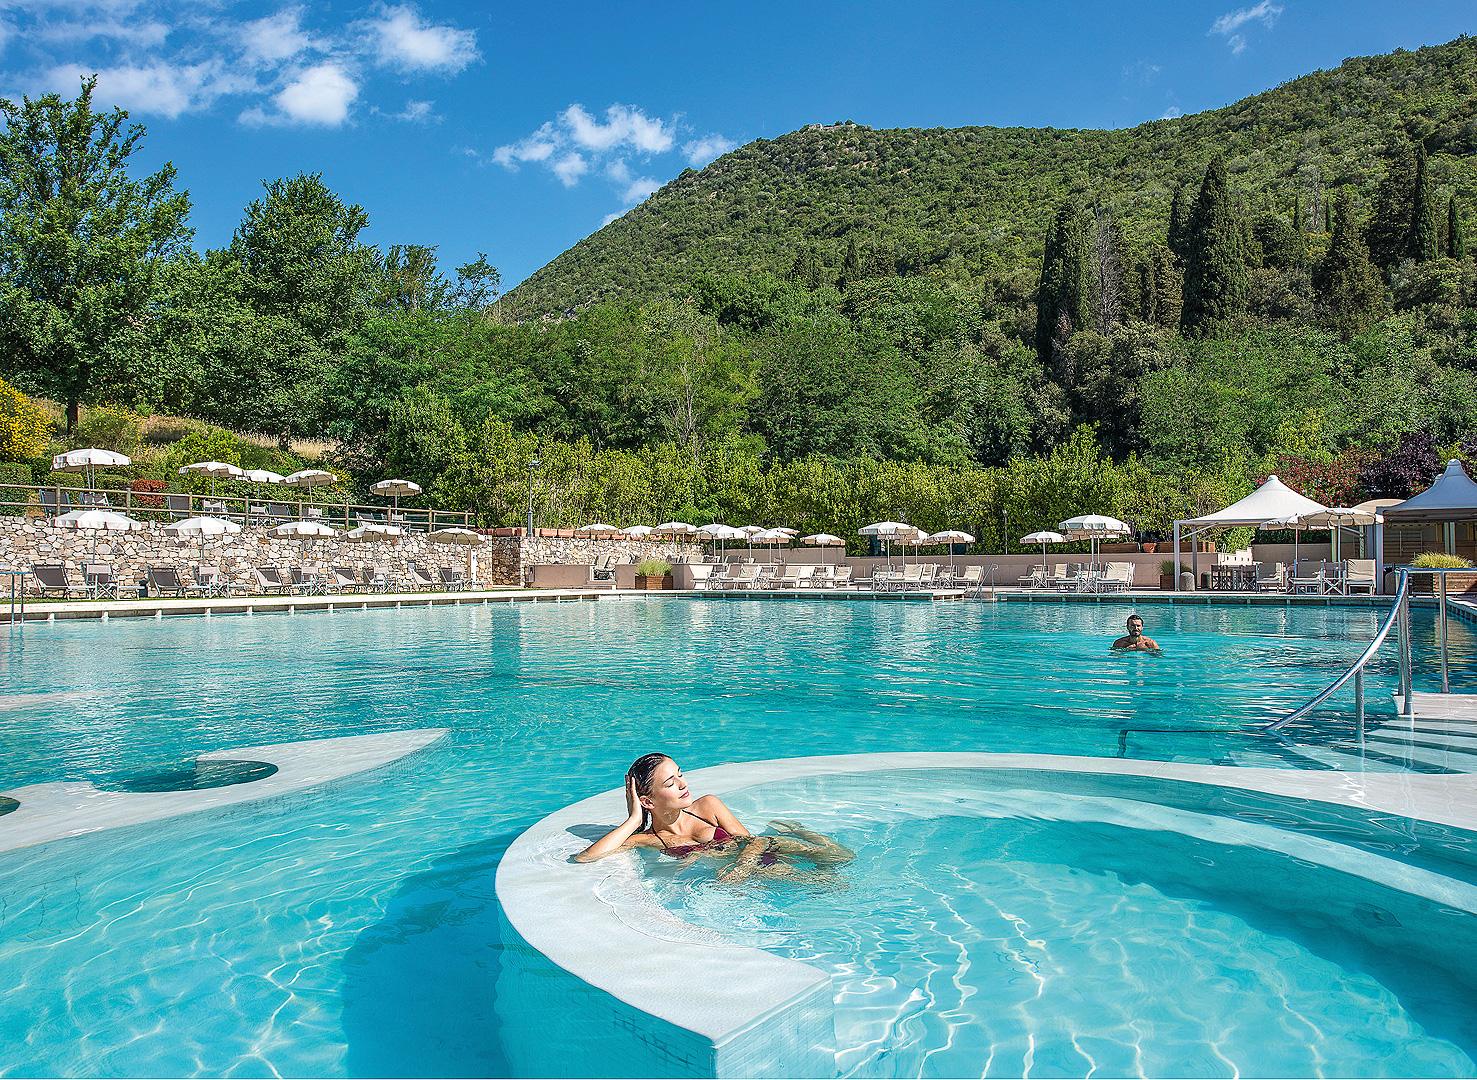 Hotelpool Grotta Giusti Toskana